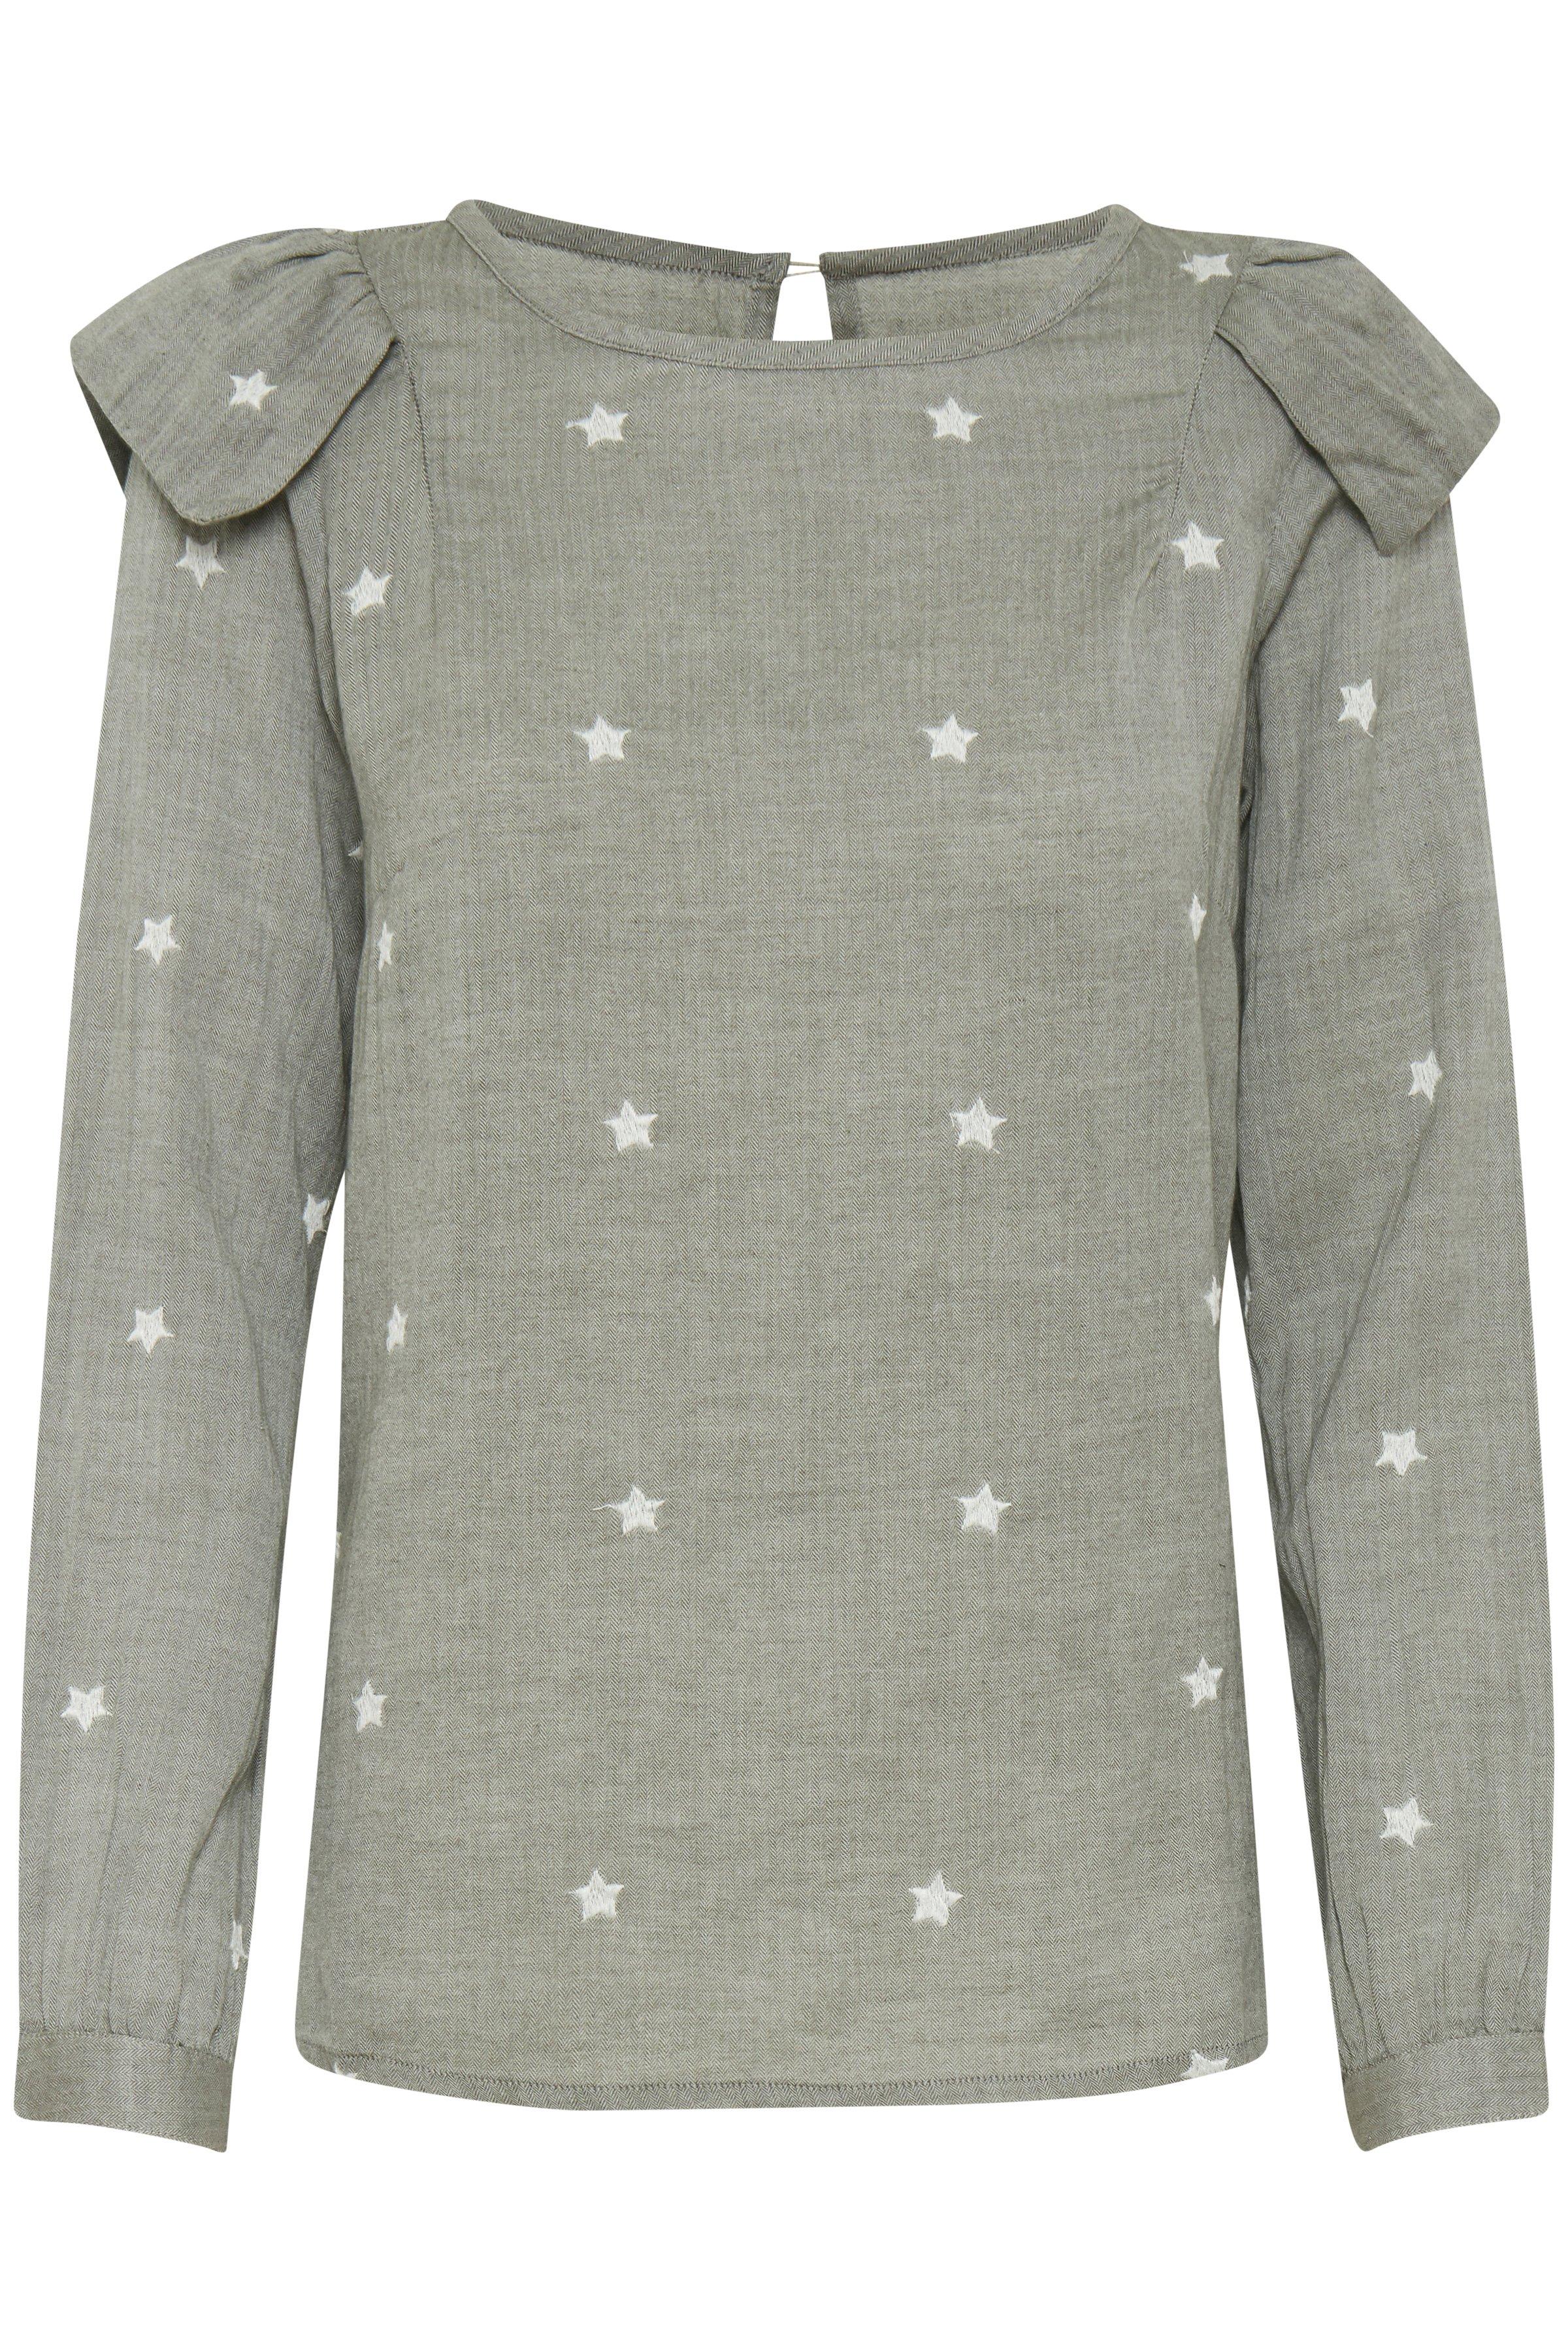 Pulz Jeans Dame Zeer mooi shirt van Pulz van 100% katoen - in een zeer zachte kwaliteit. De kleine split achterop gaat dicht met een enkele knoop in de kraag. Smalle bies langs de ronde hals. Manchetten met knopen aan de mouwen. Draag de jas met een wijde